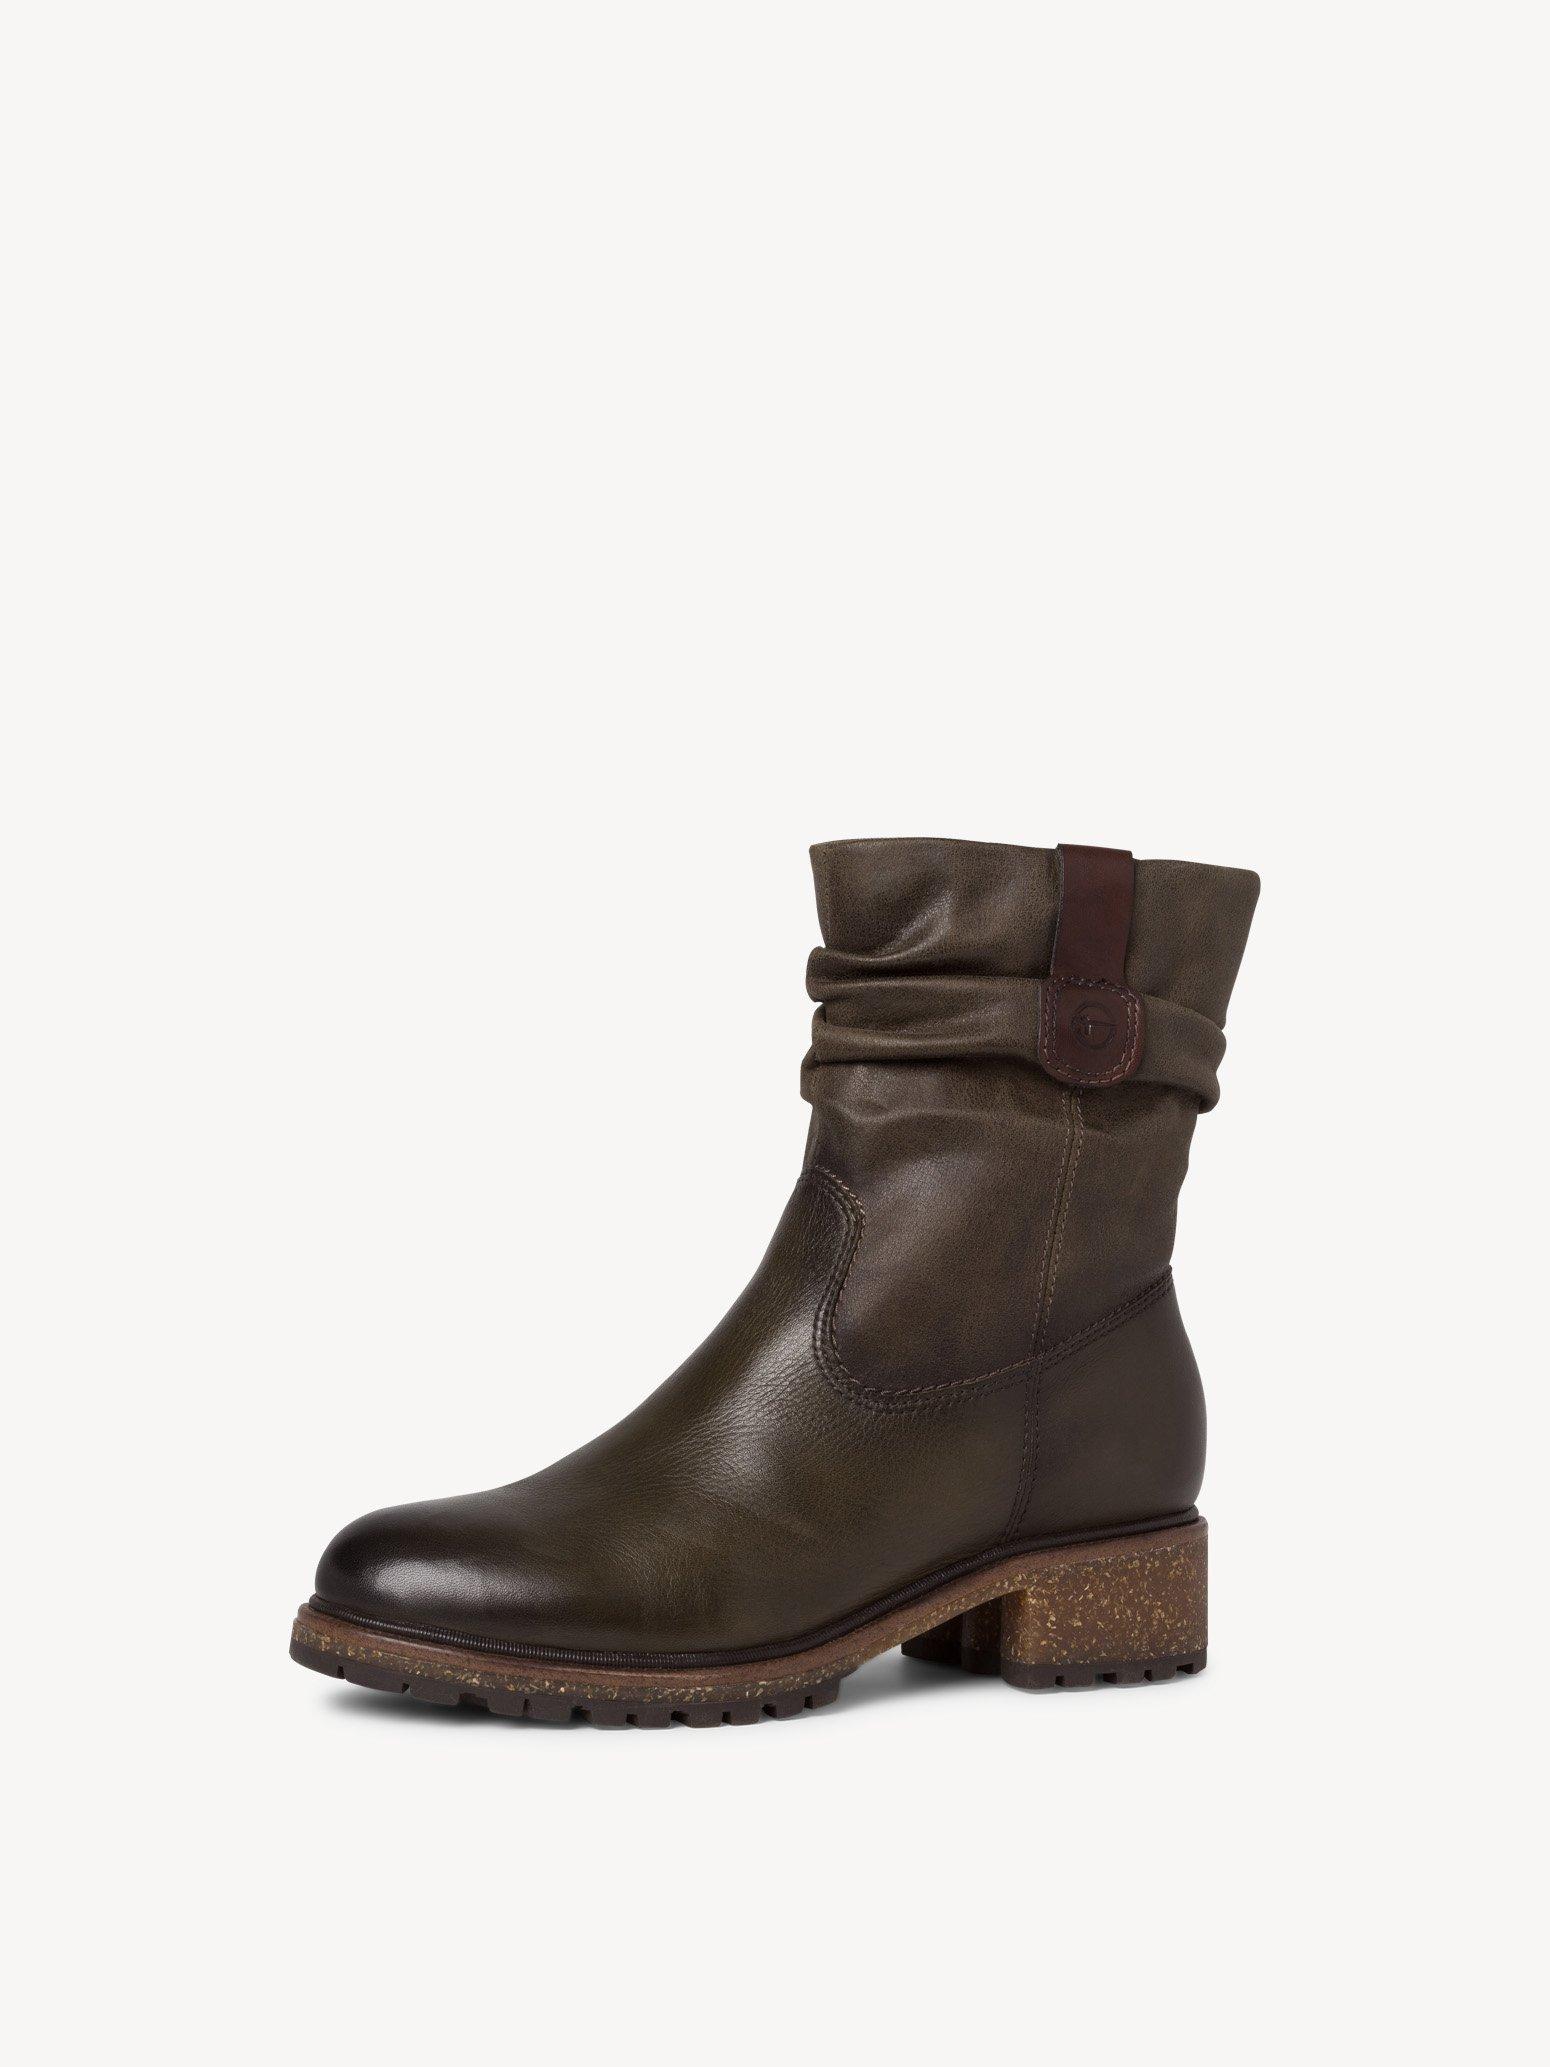 Ботинки Tamaris 1-1-26441-25-723 фотография